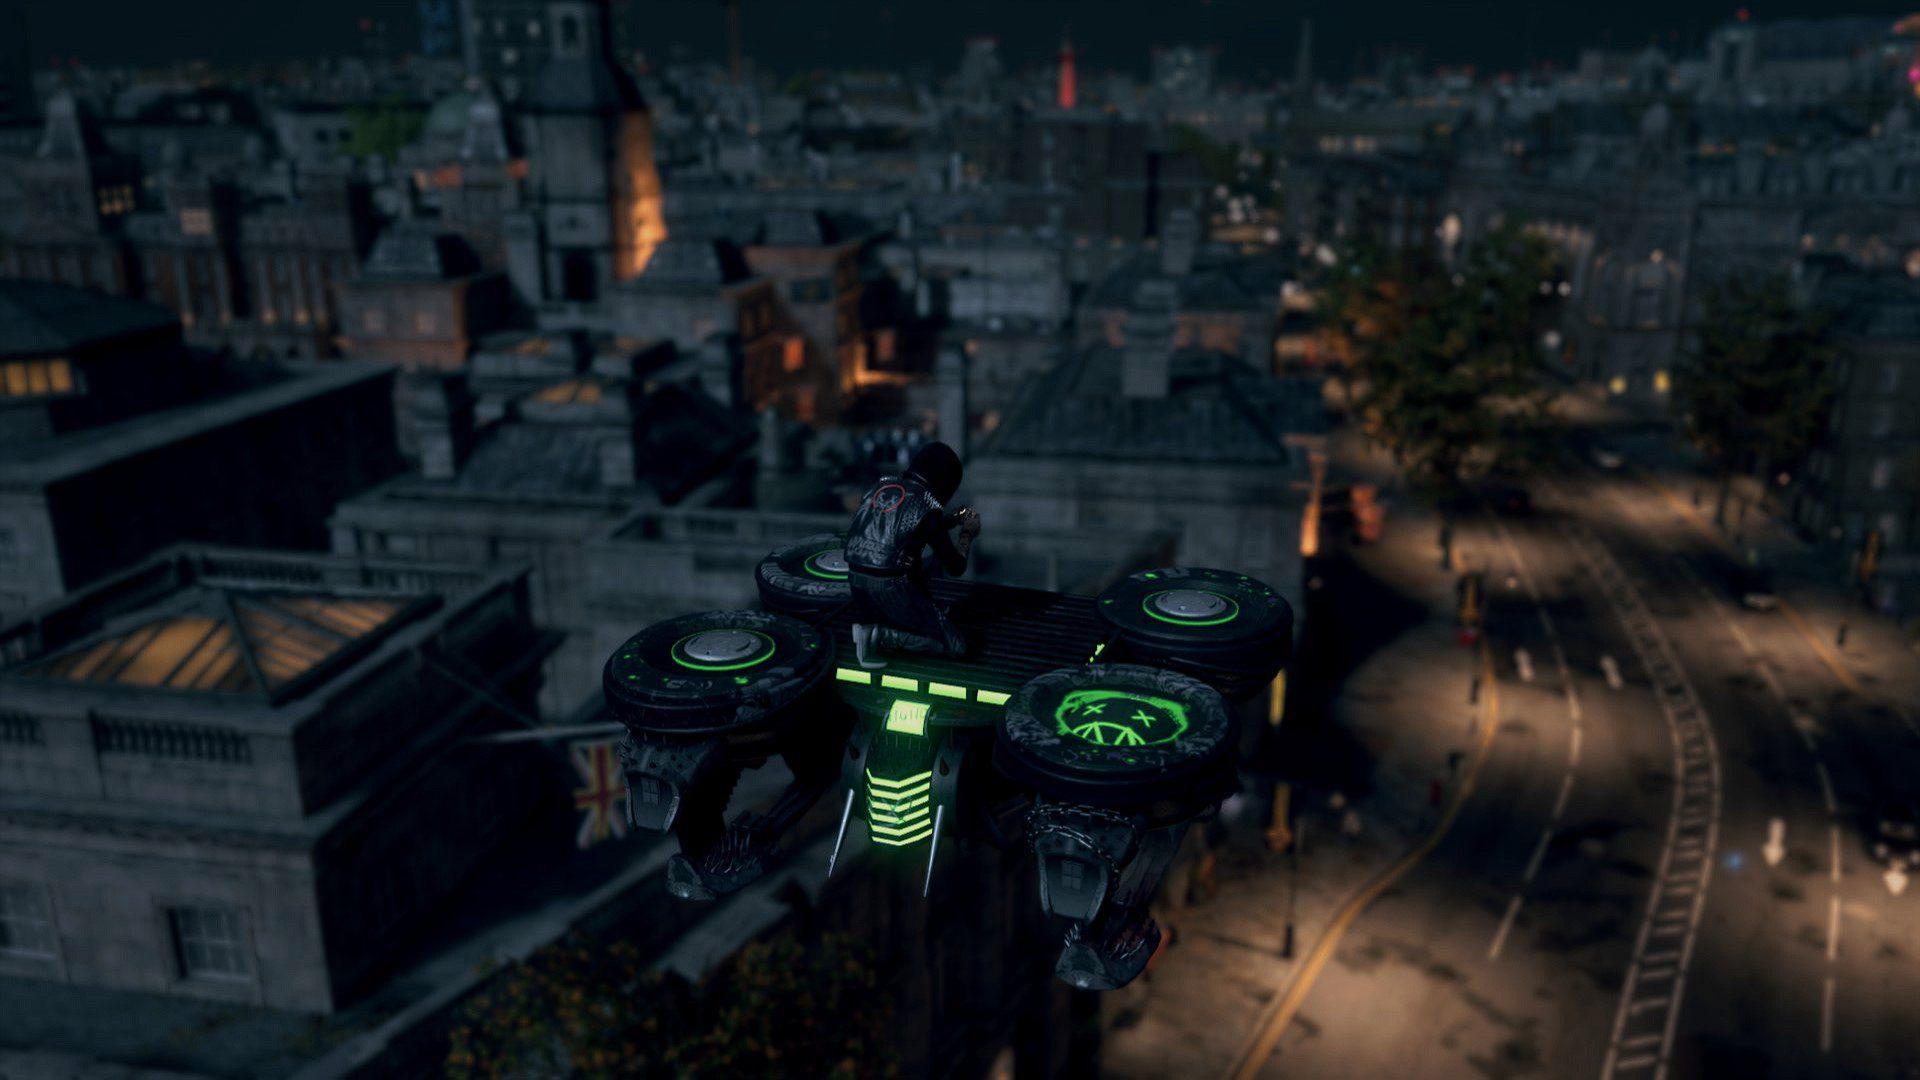 Análisis de Watch Dogs: Legion - Bloodline - Analizamos Watch Dogs: Legion – Bloodline para PC, una historia completamente nueva y con nuevos protagonistas, con el retorno especial de Aiden Pearce y Wrench.